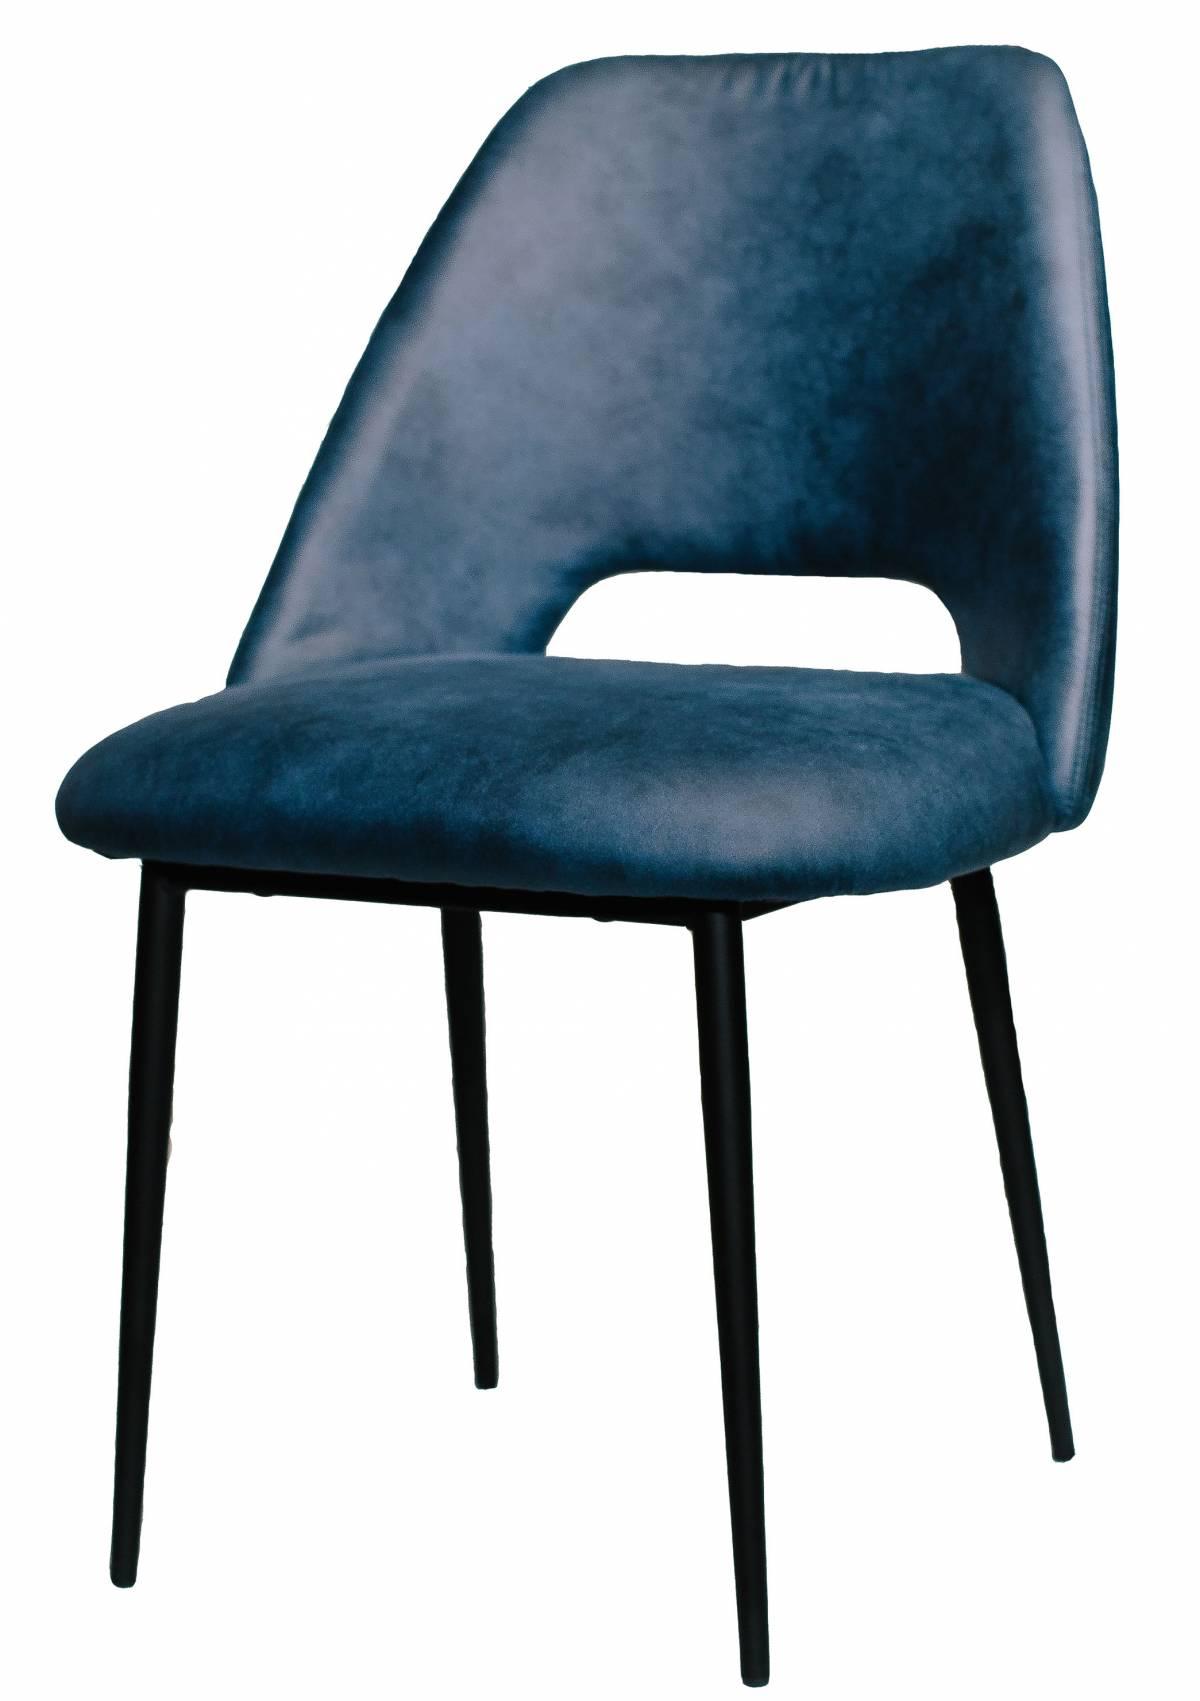 Металлический стул Vic Sandalye экокожа синий в Raroom